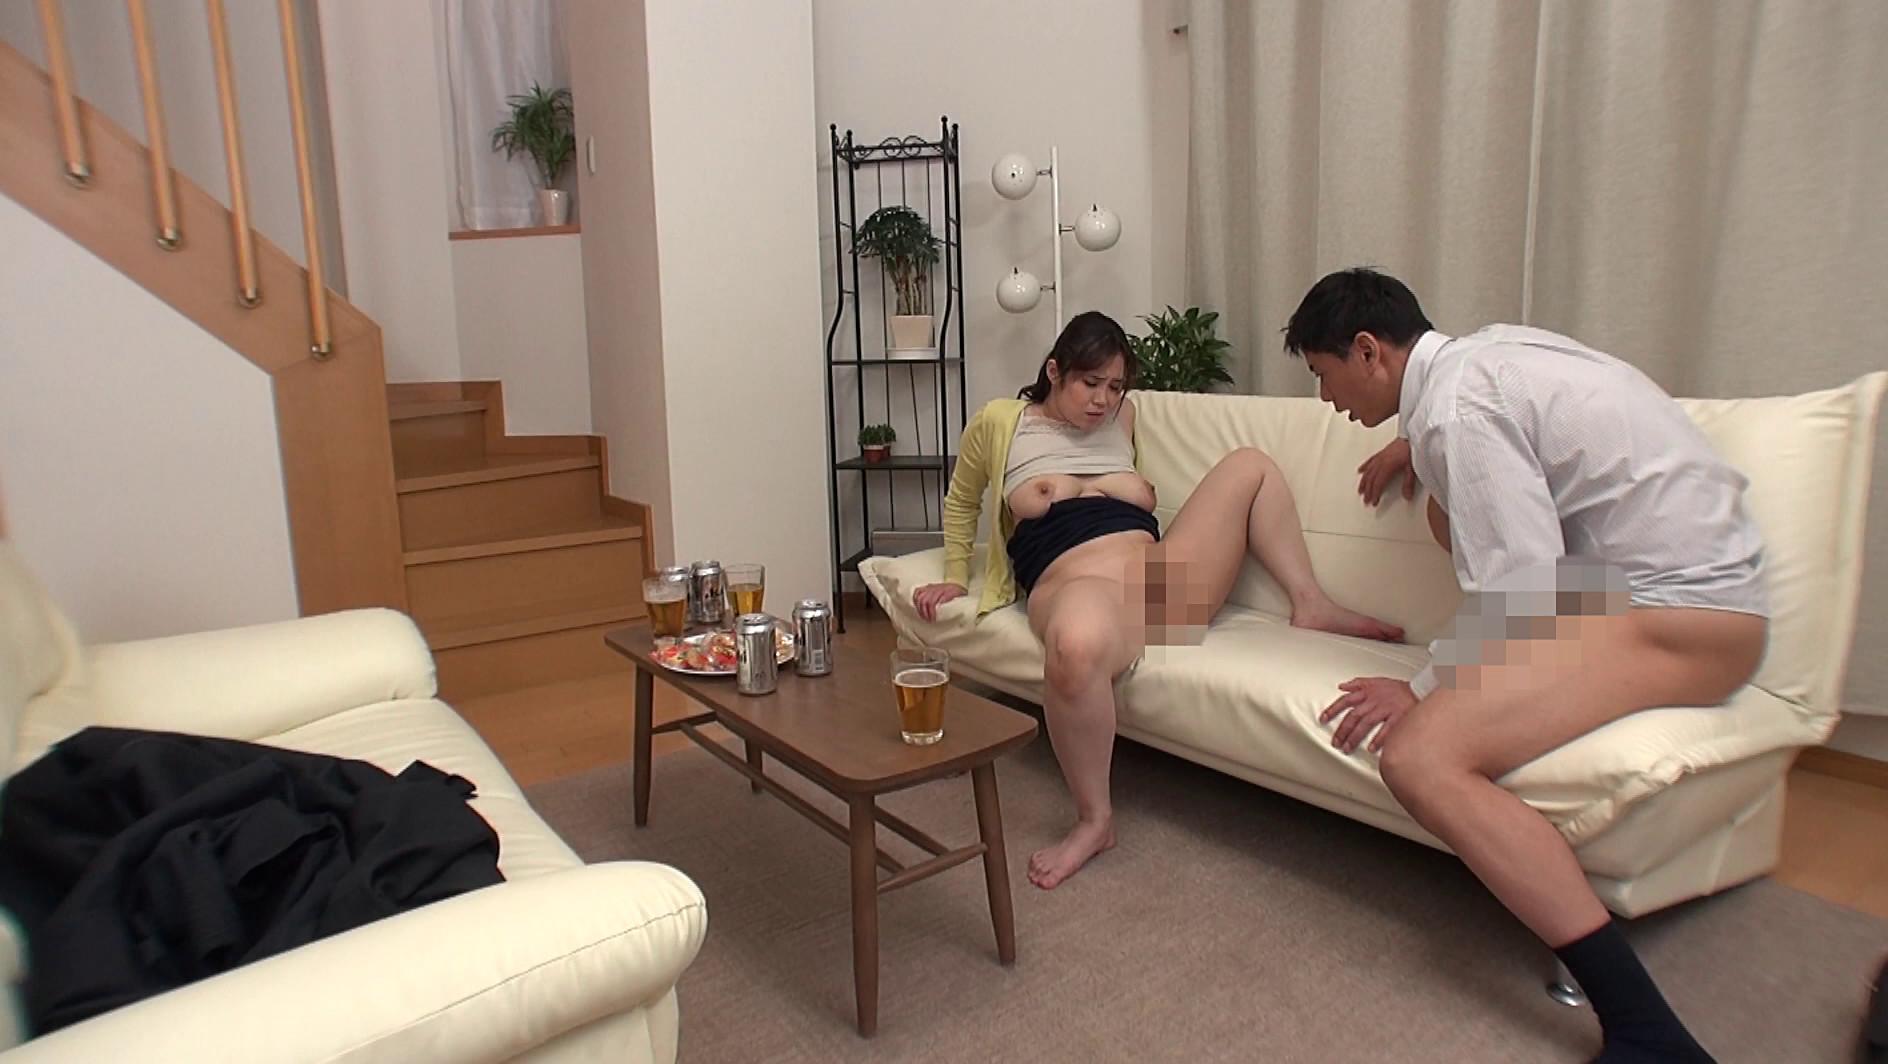 寝ている夫の隣で寝取られスリルを楽しむ不埒な奥さん7人 画像10